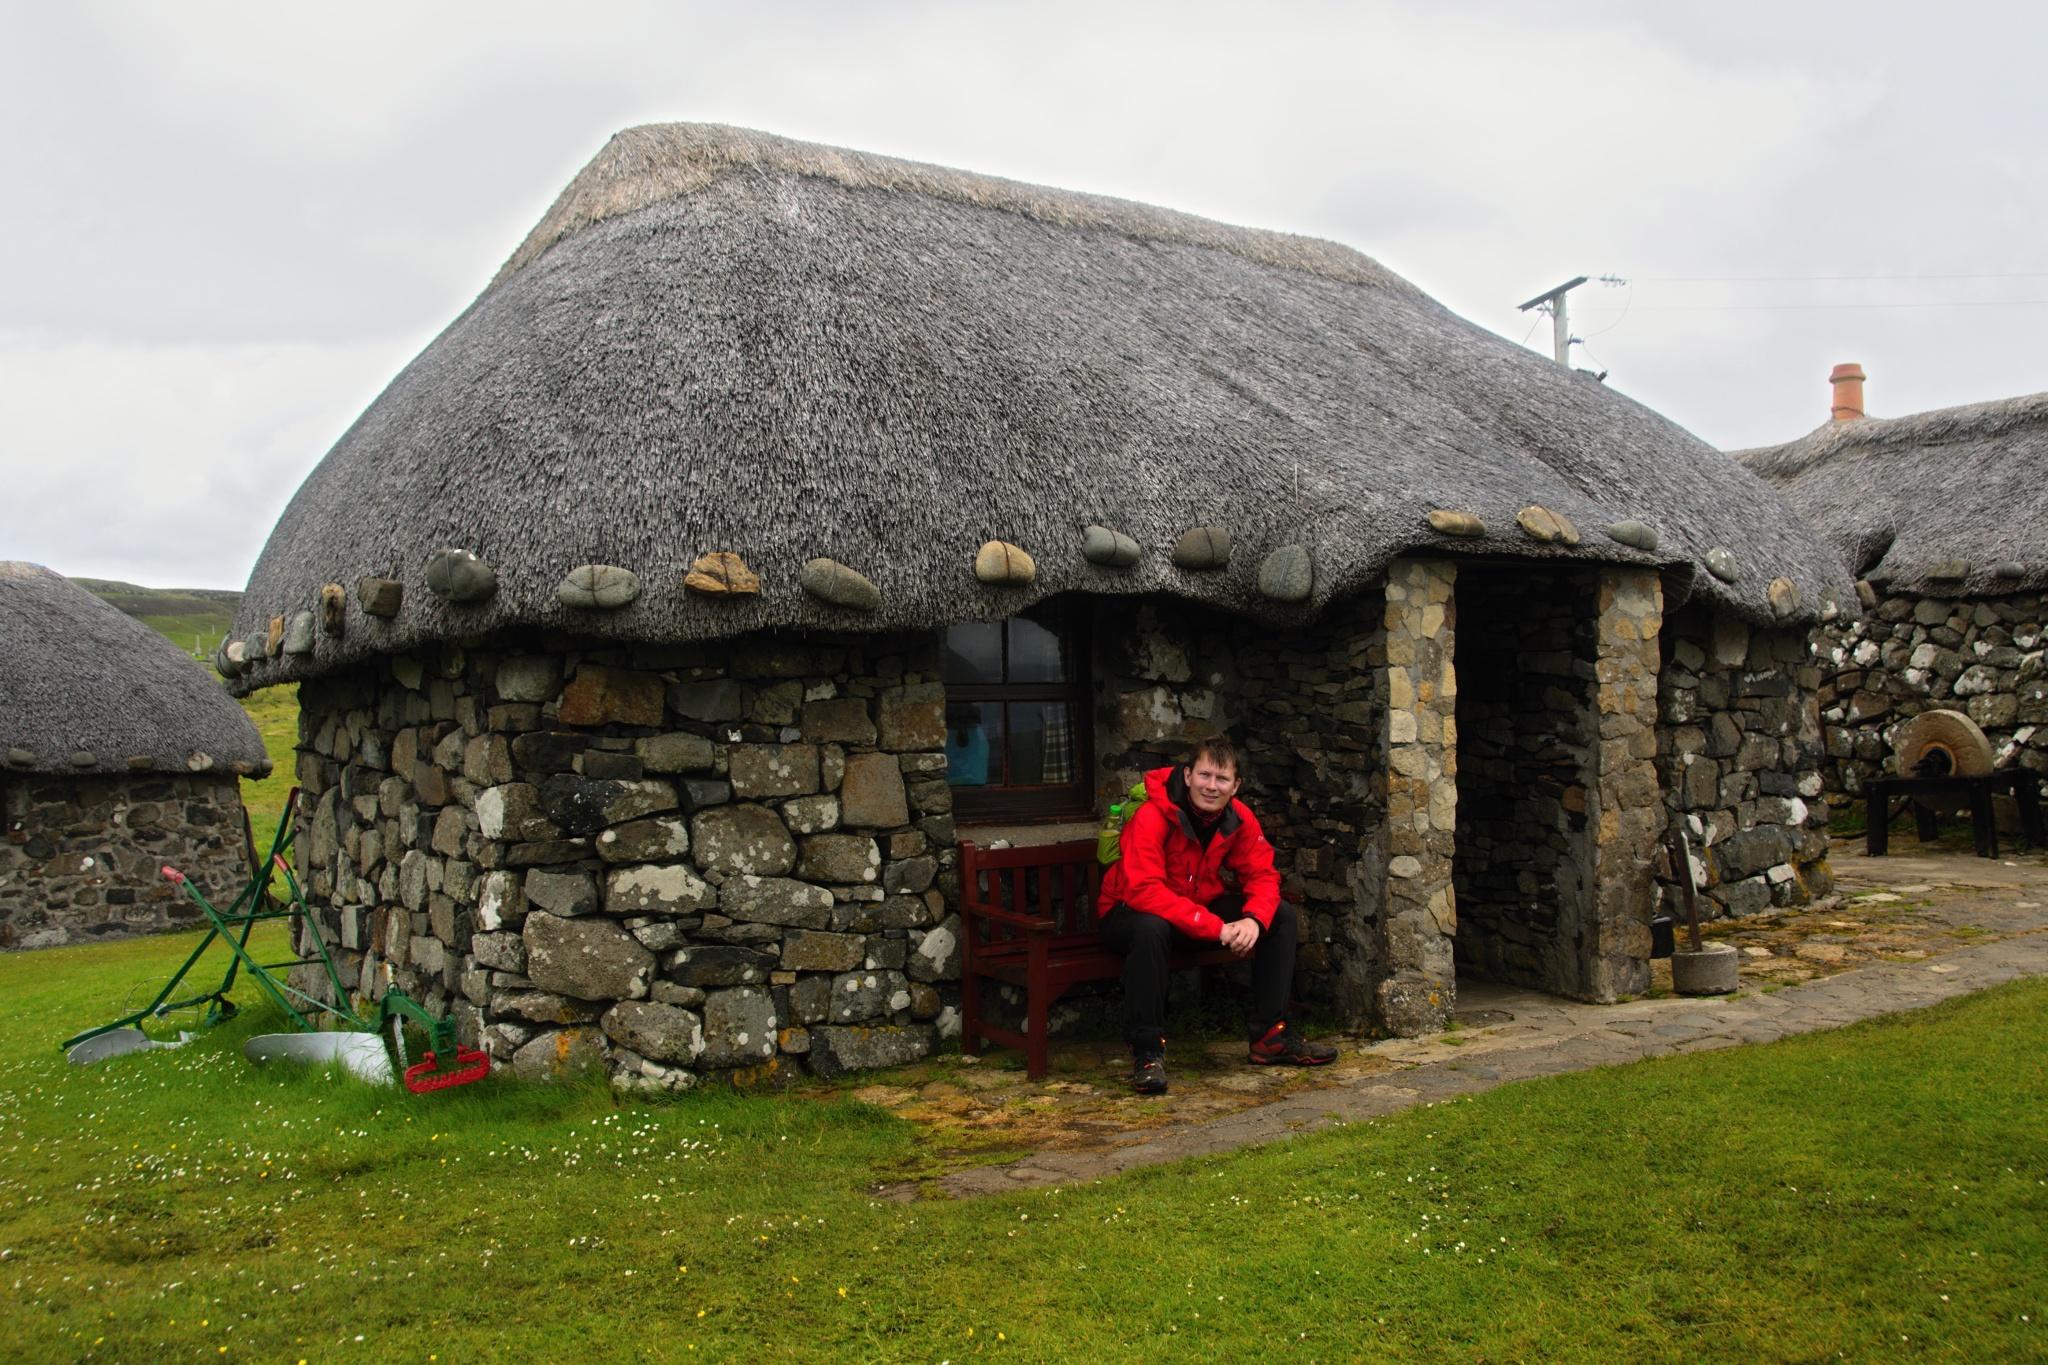 Muzeum života na ostrově Skye